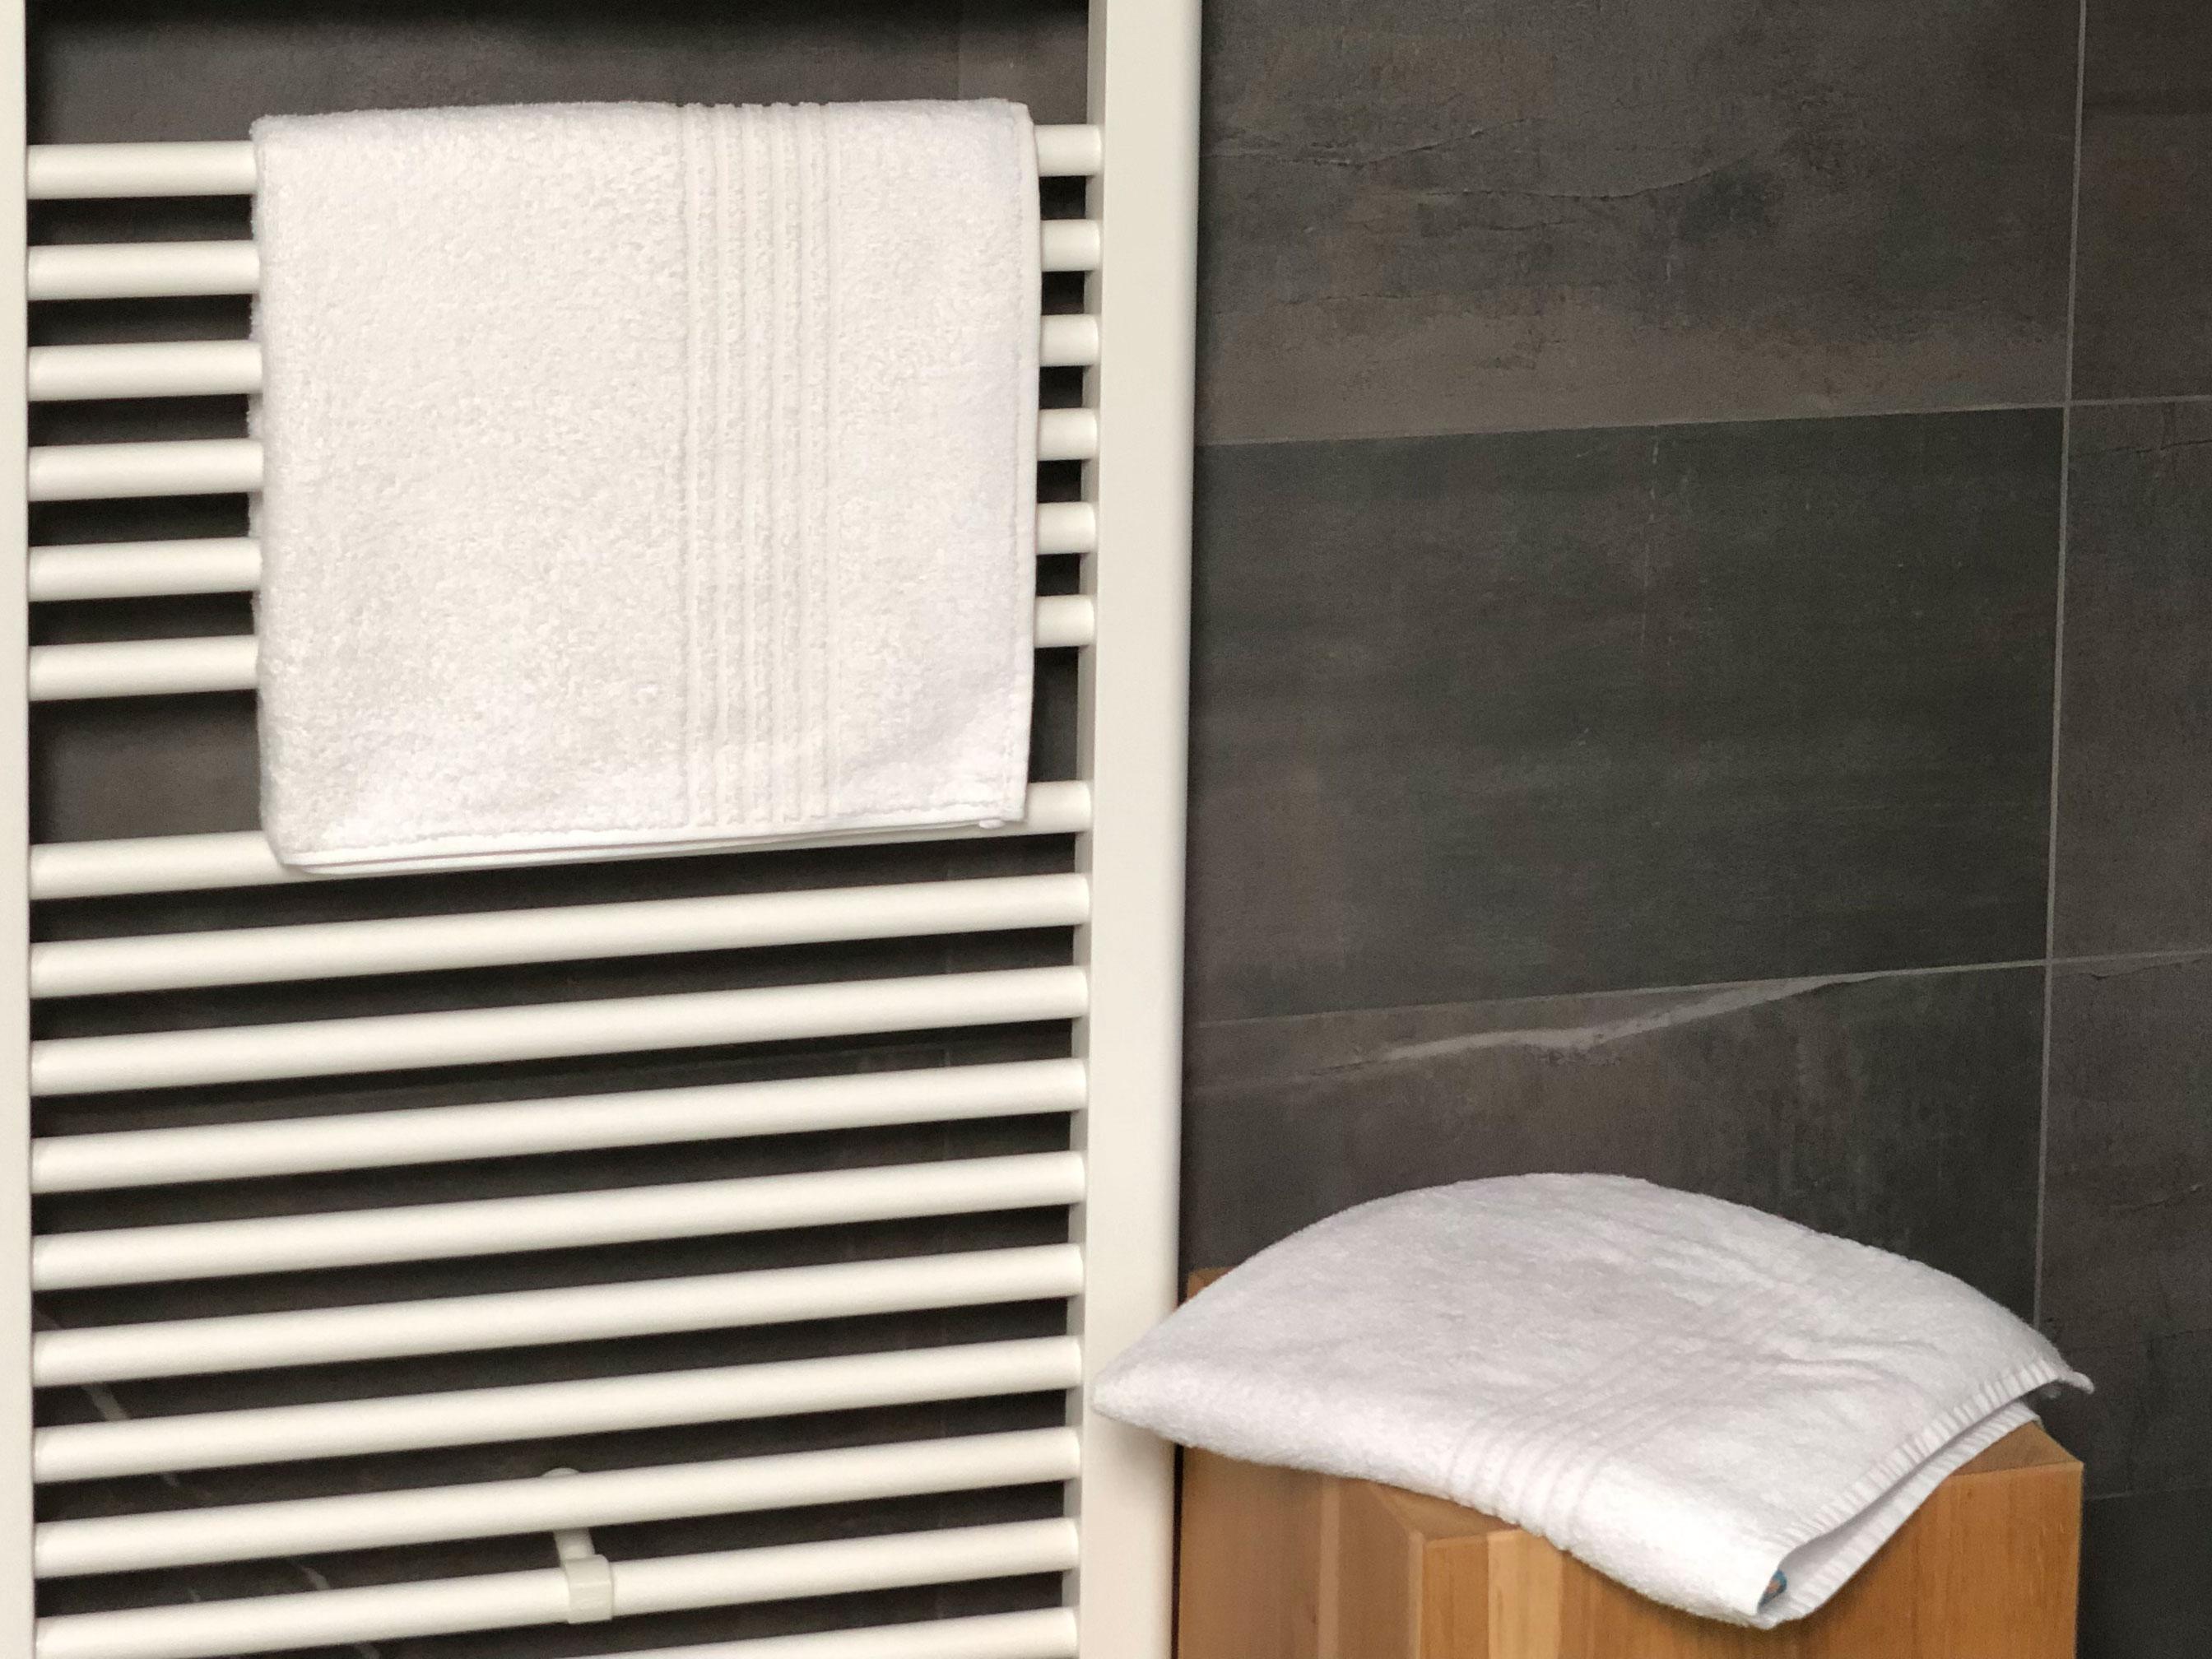 Duschtücher (2er-Set), 100 % Baumwolle, ca. 70x140 cm